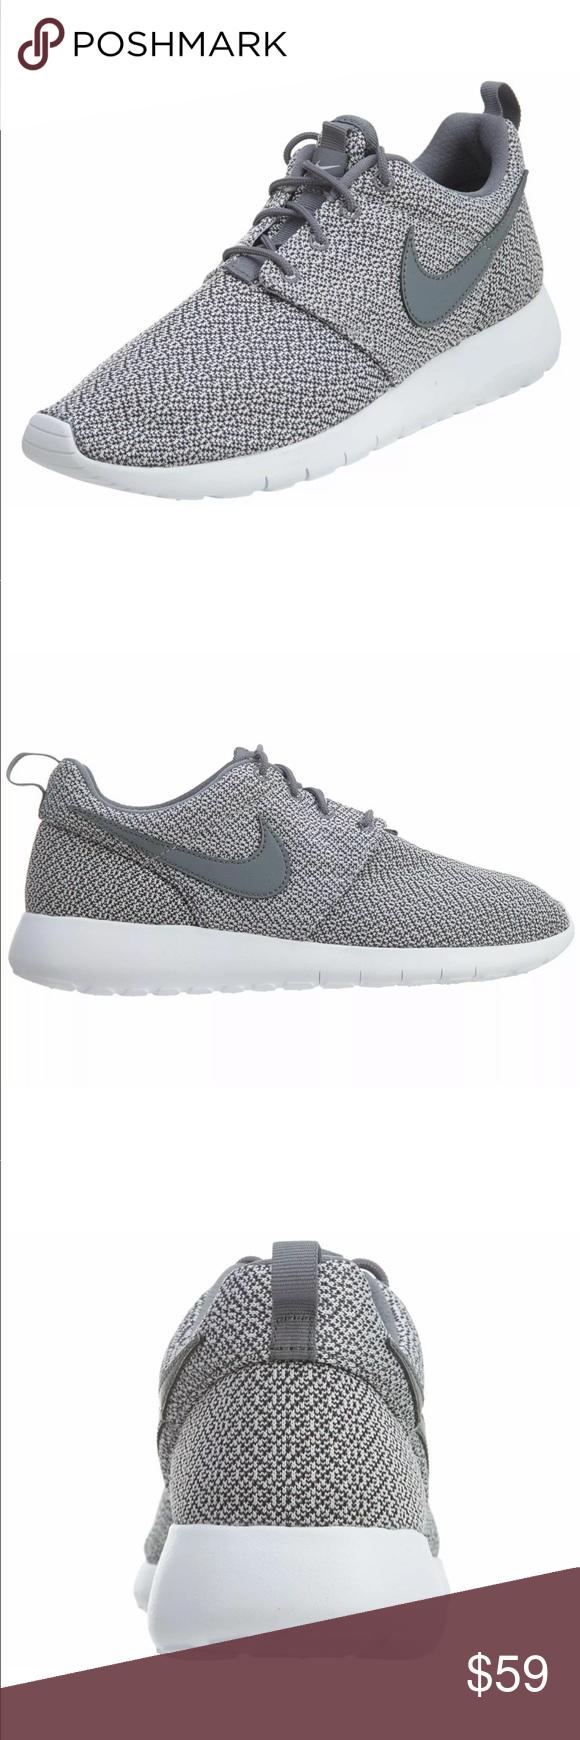 Nike Roshe Women S Running Shoes Grey White Nike Roshe Women Running Shoes Grey Roshes